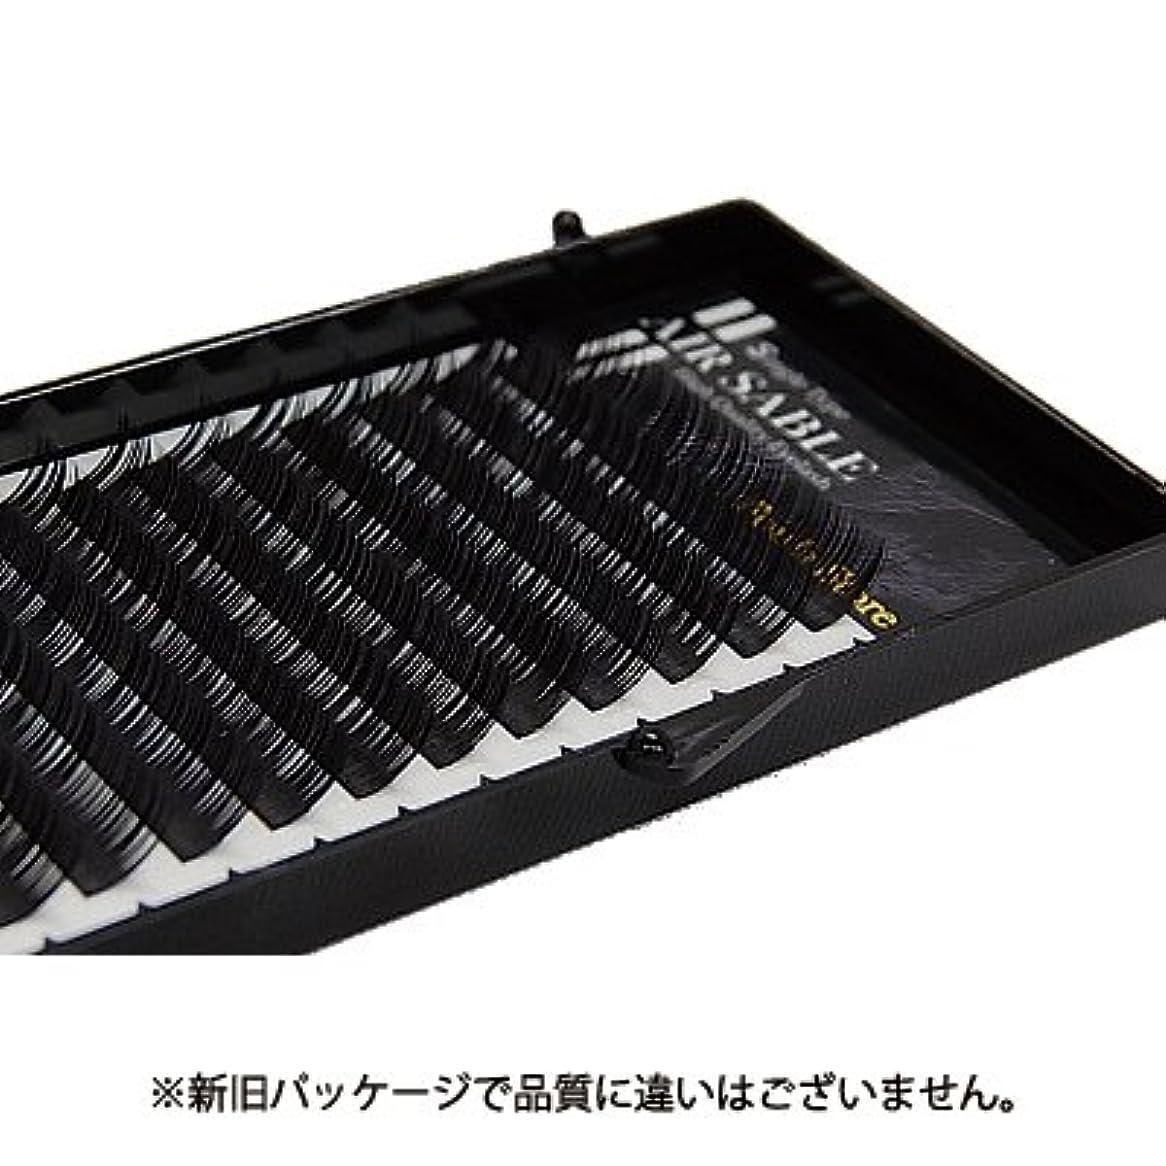 帝国ブロック間違いなく【フーラ】エアーセーブル シート 12列 Dカール 11mm×0.15mm